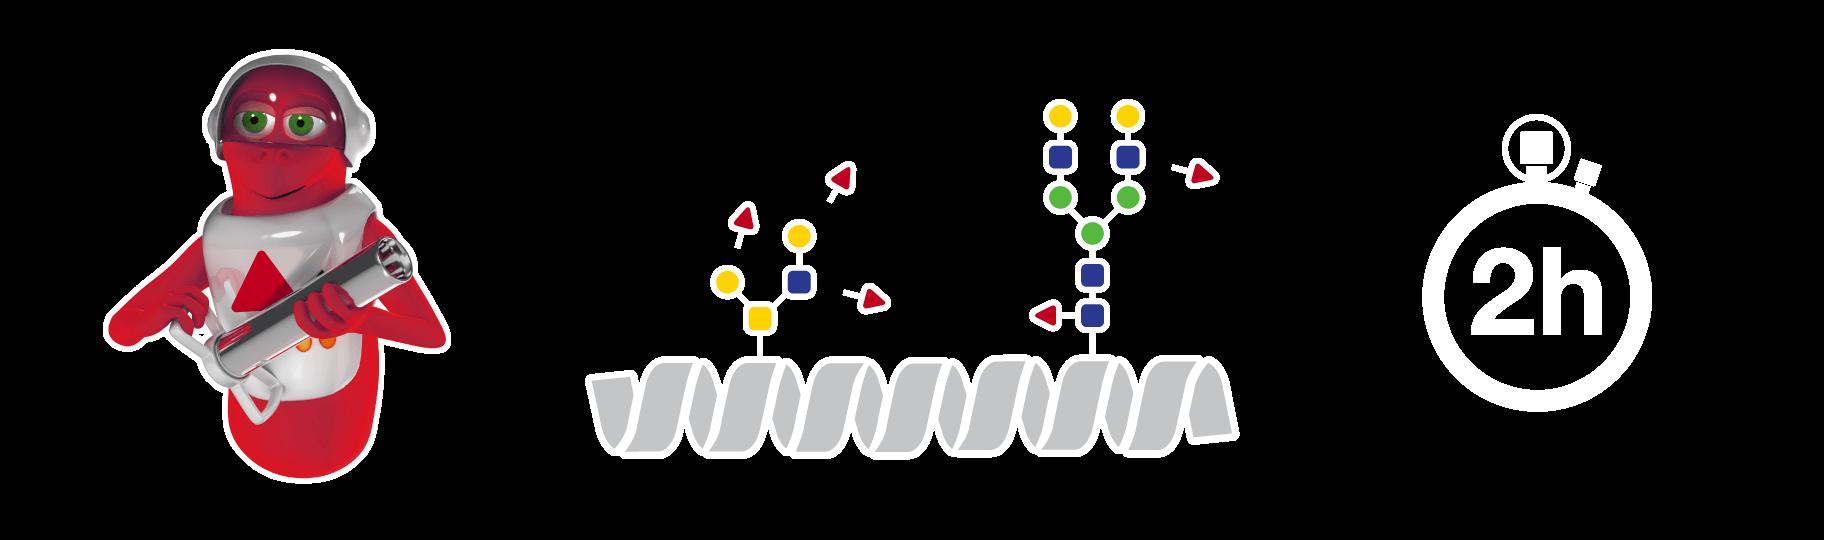 FucosEXO workflow